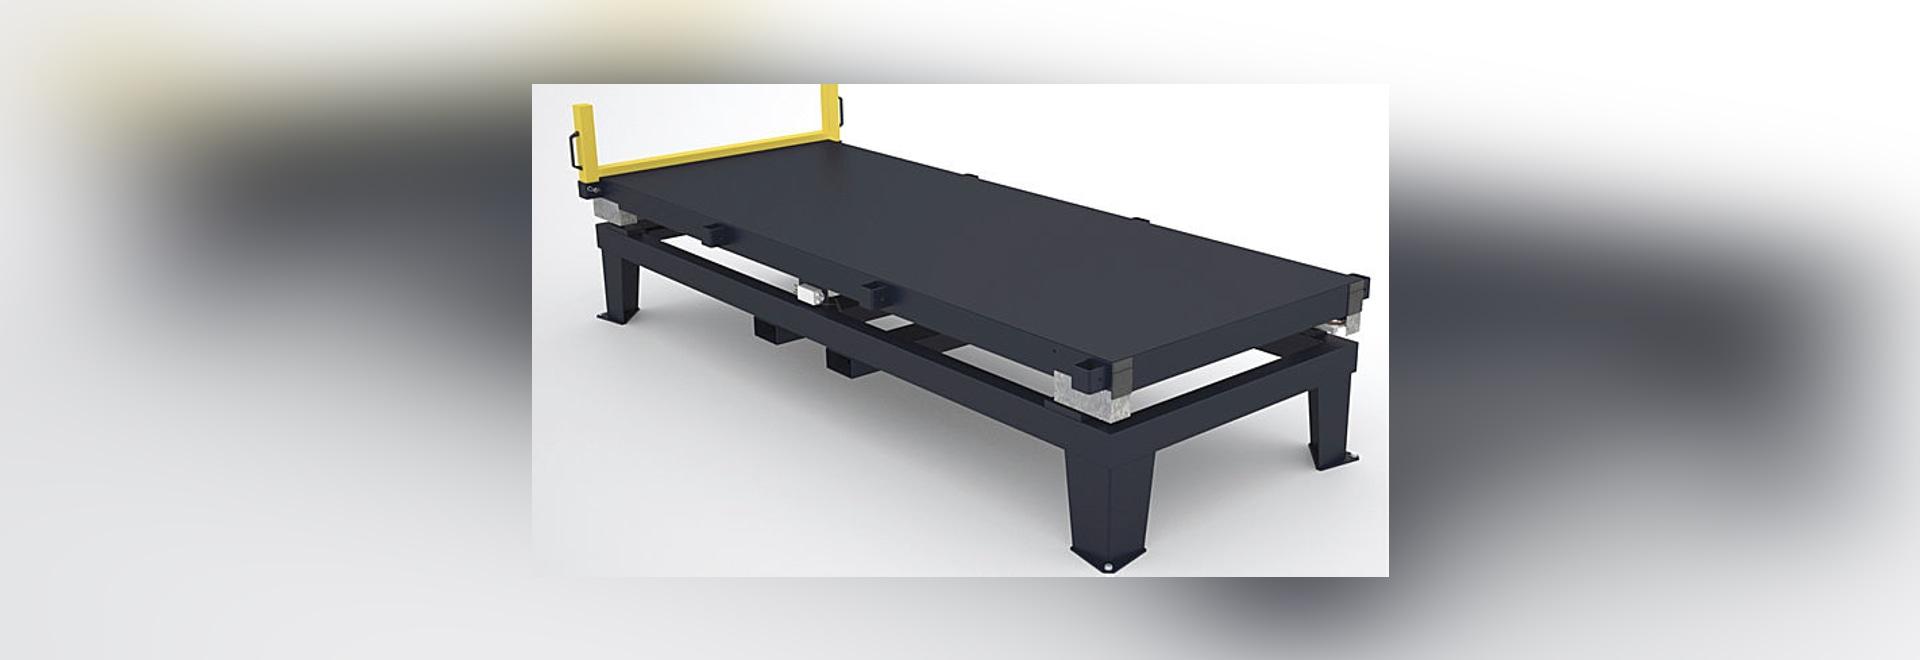 B7C platform design